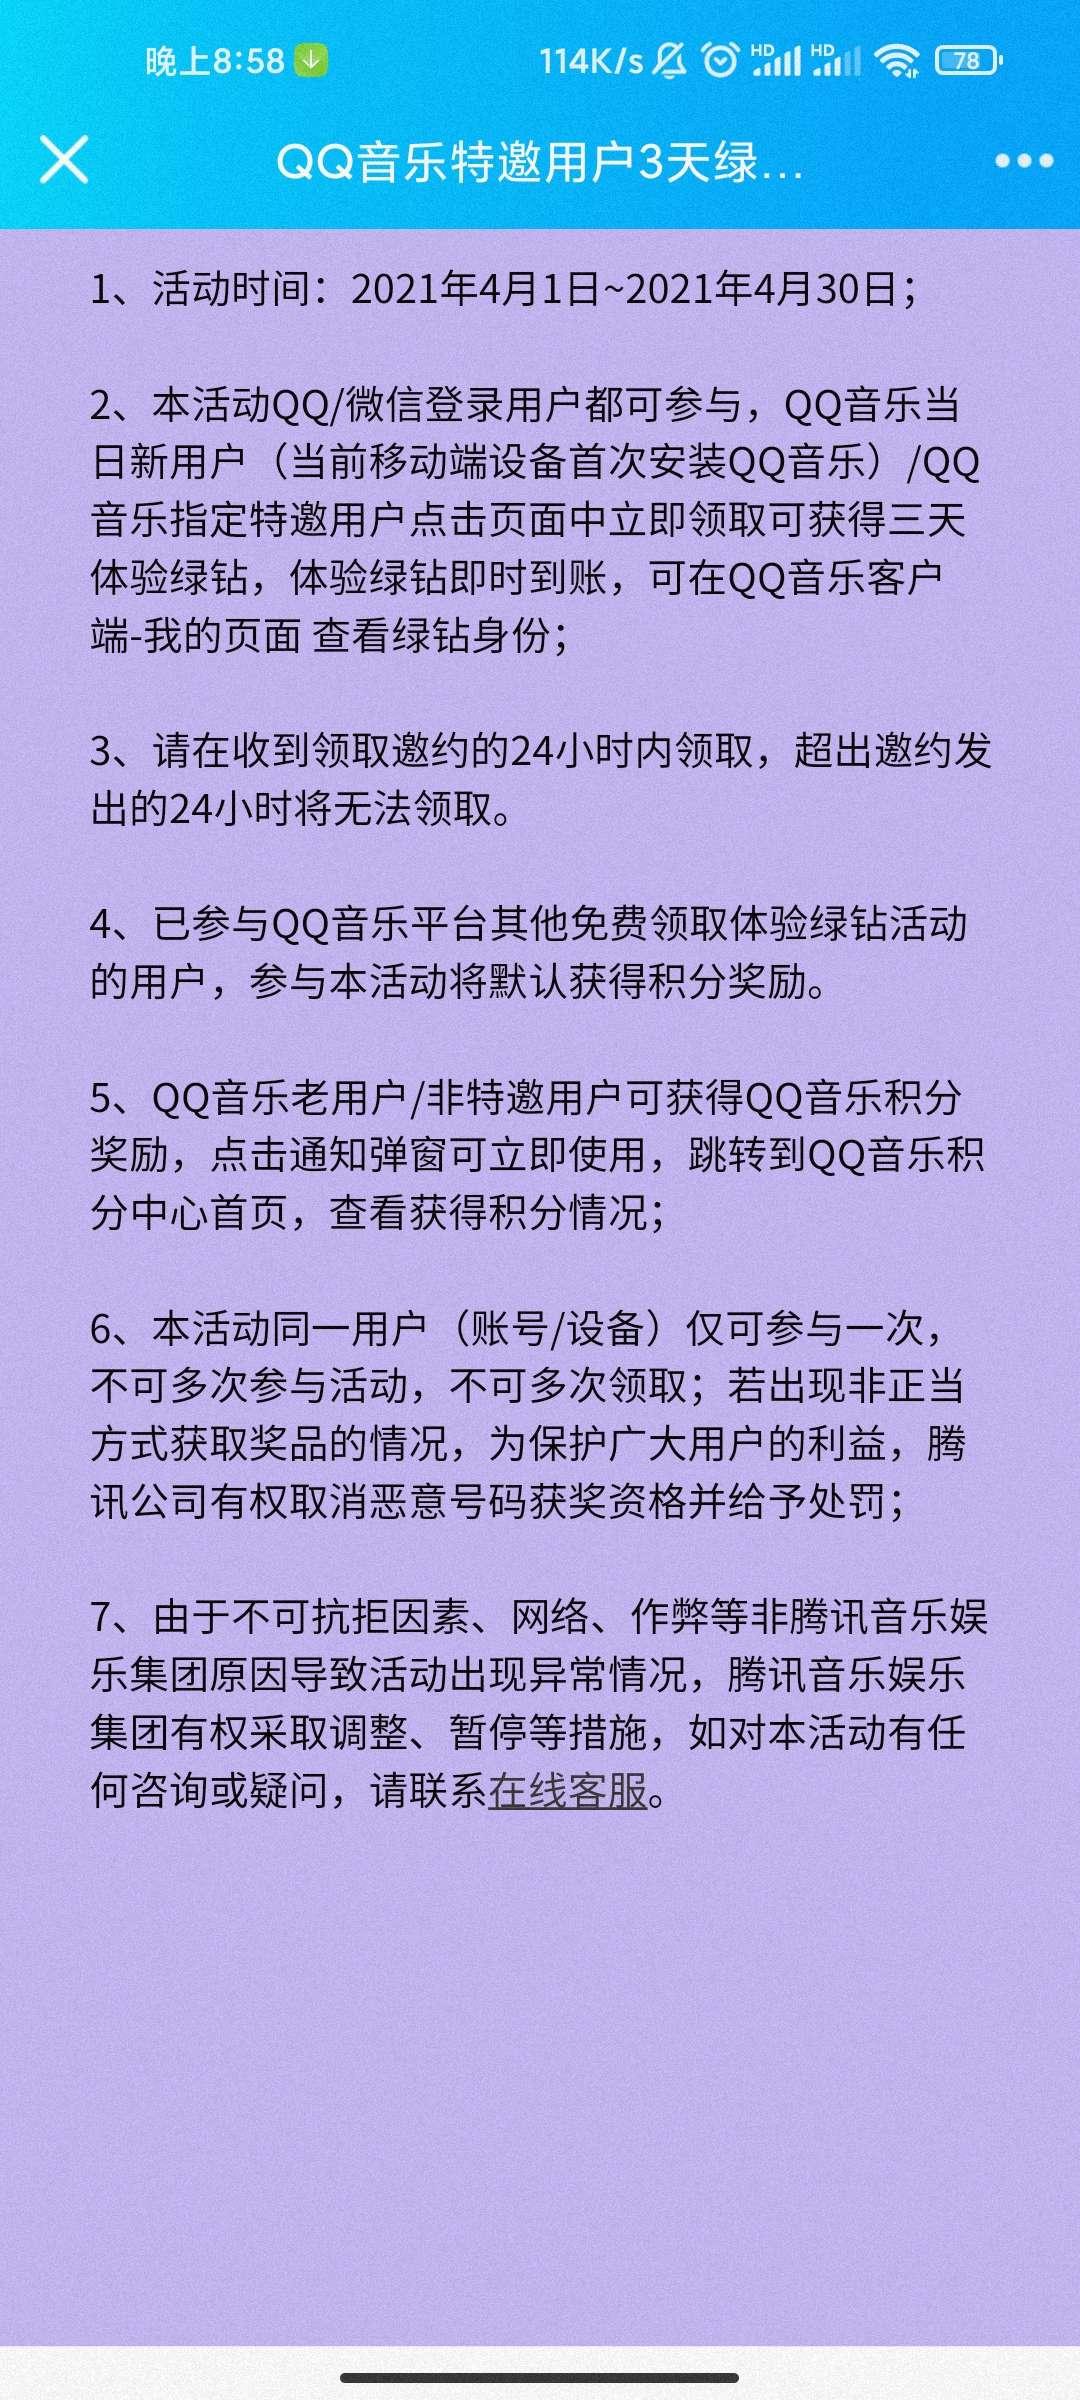 QQ音乐特邀用户领取3天会员